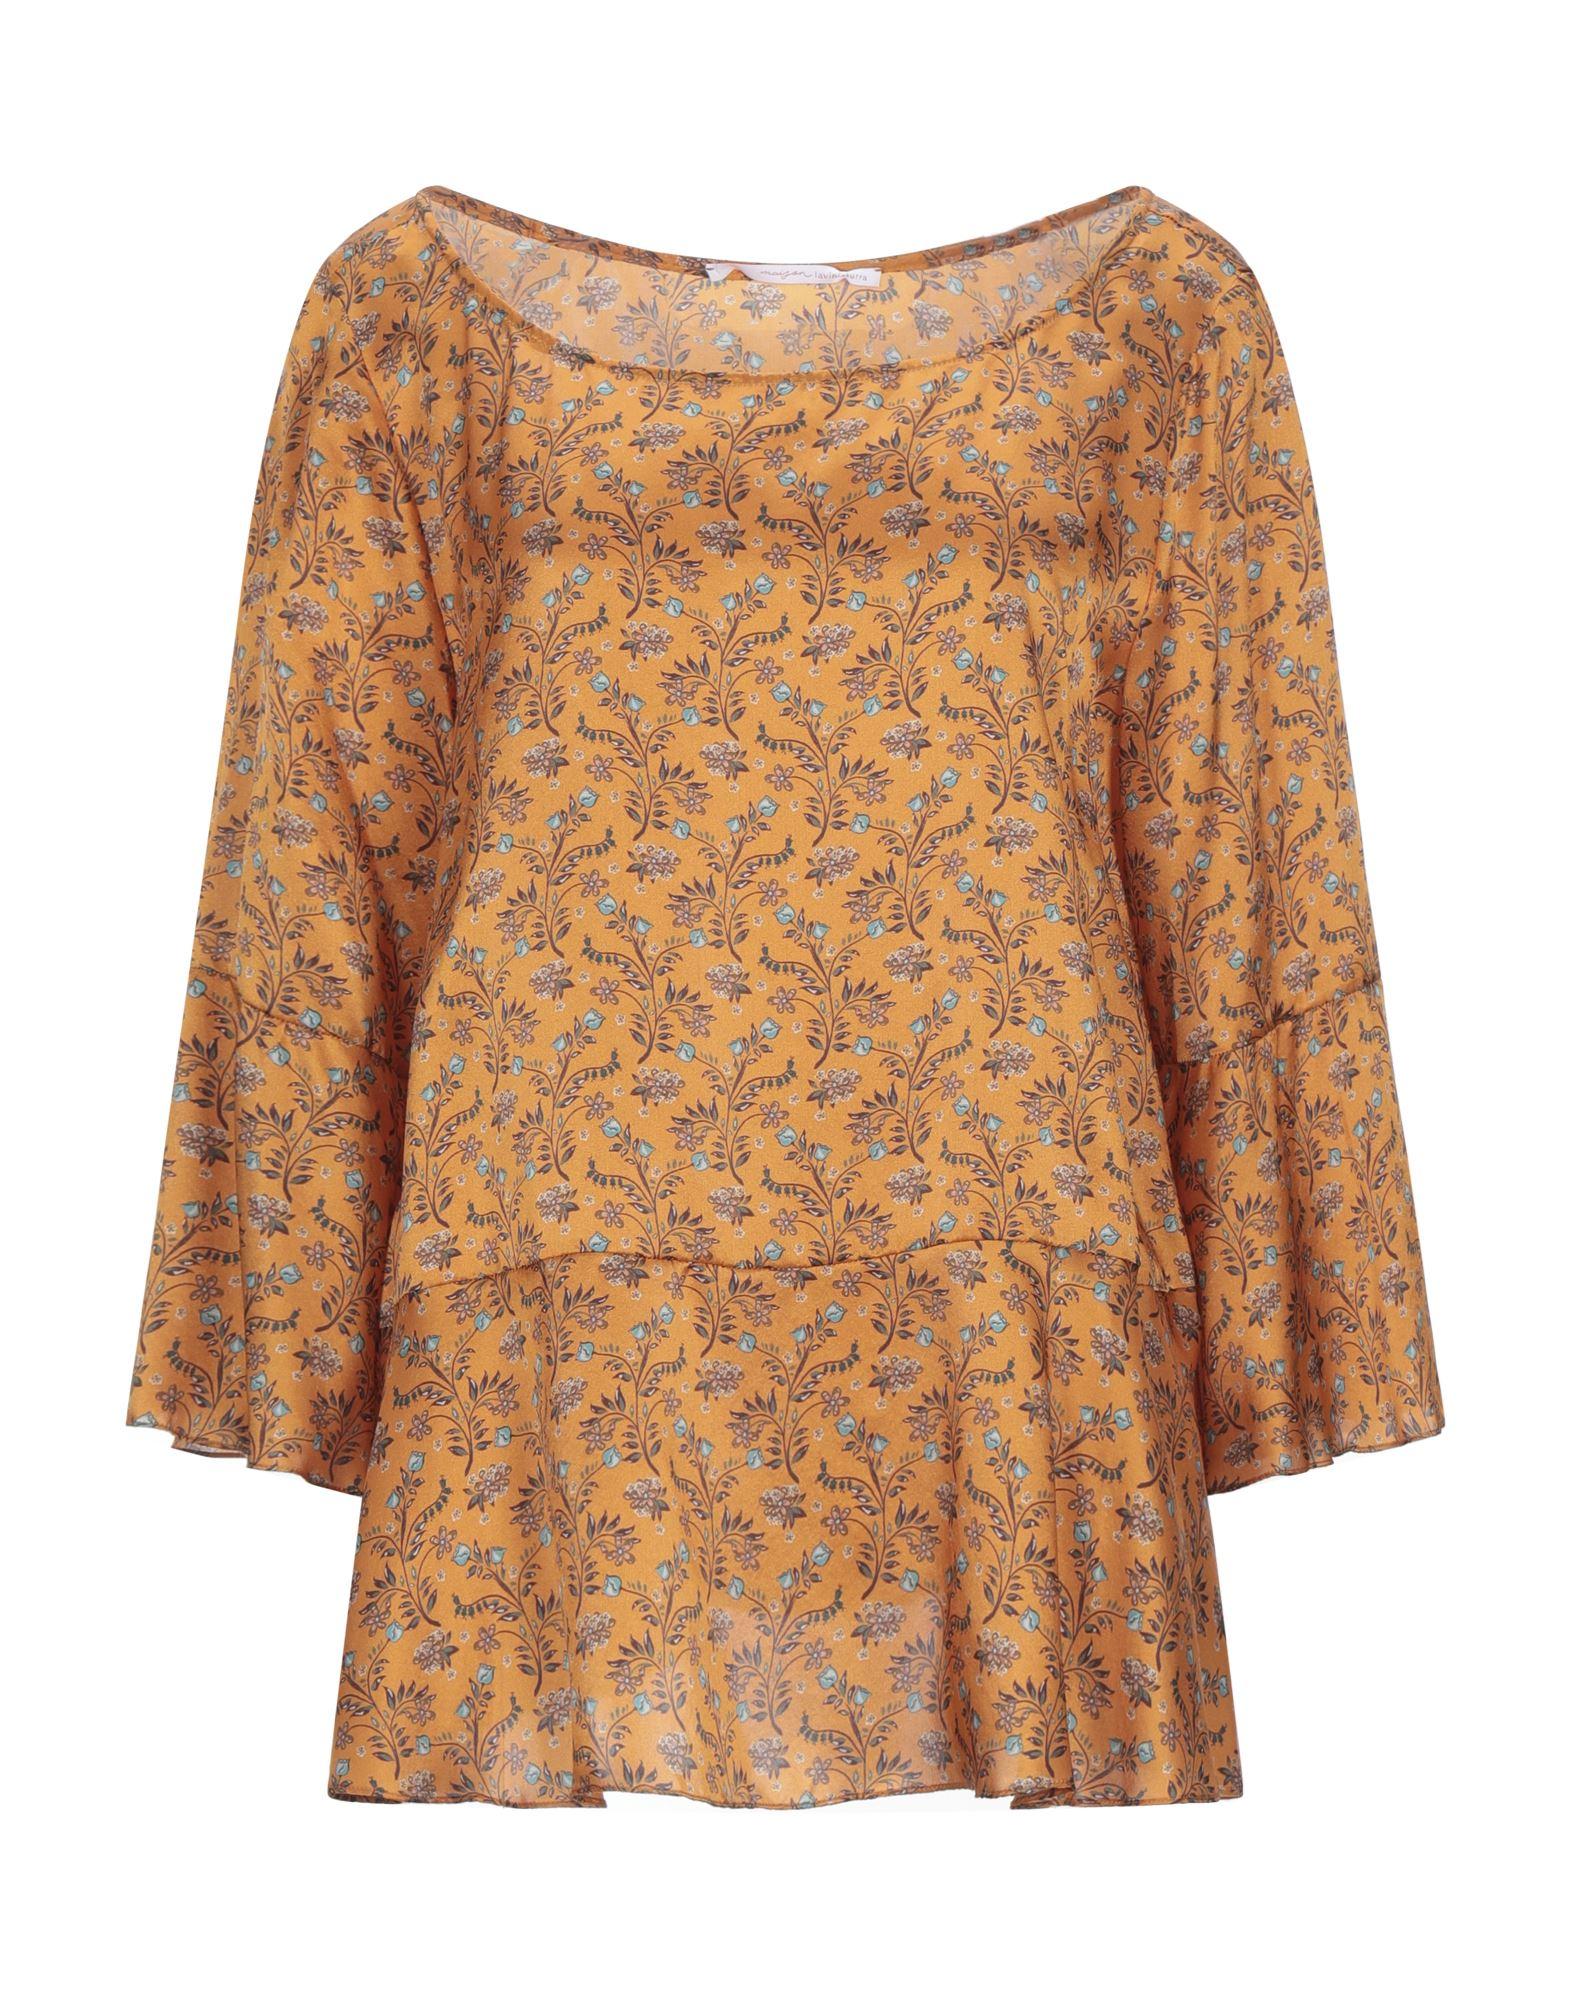 MAISON LAVINIATURRA Блузка maison laviniaturra блузка